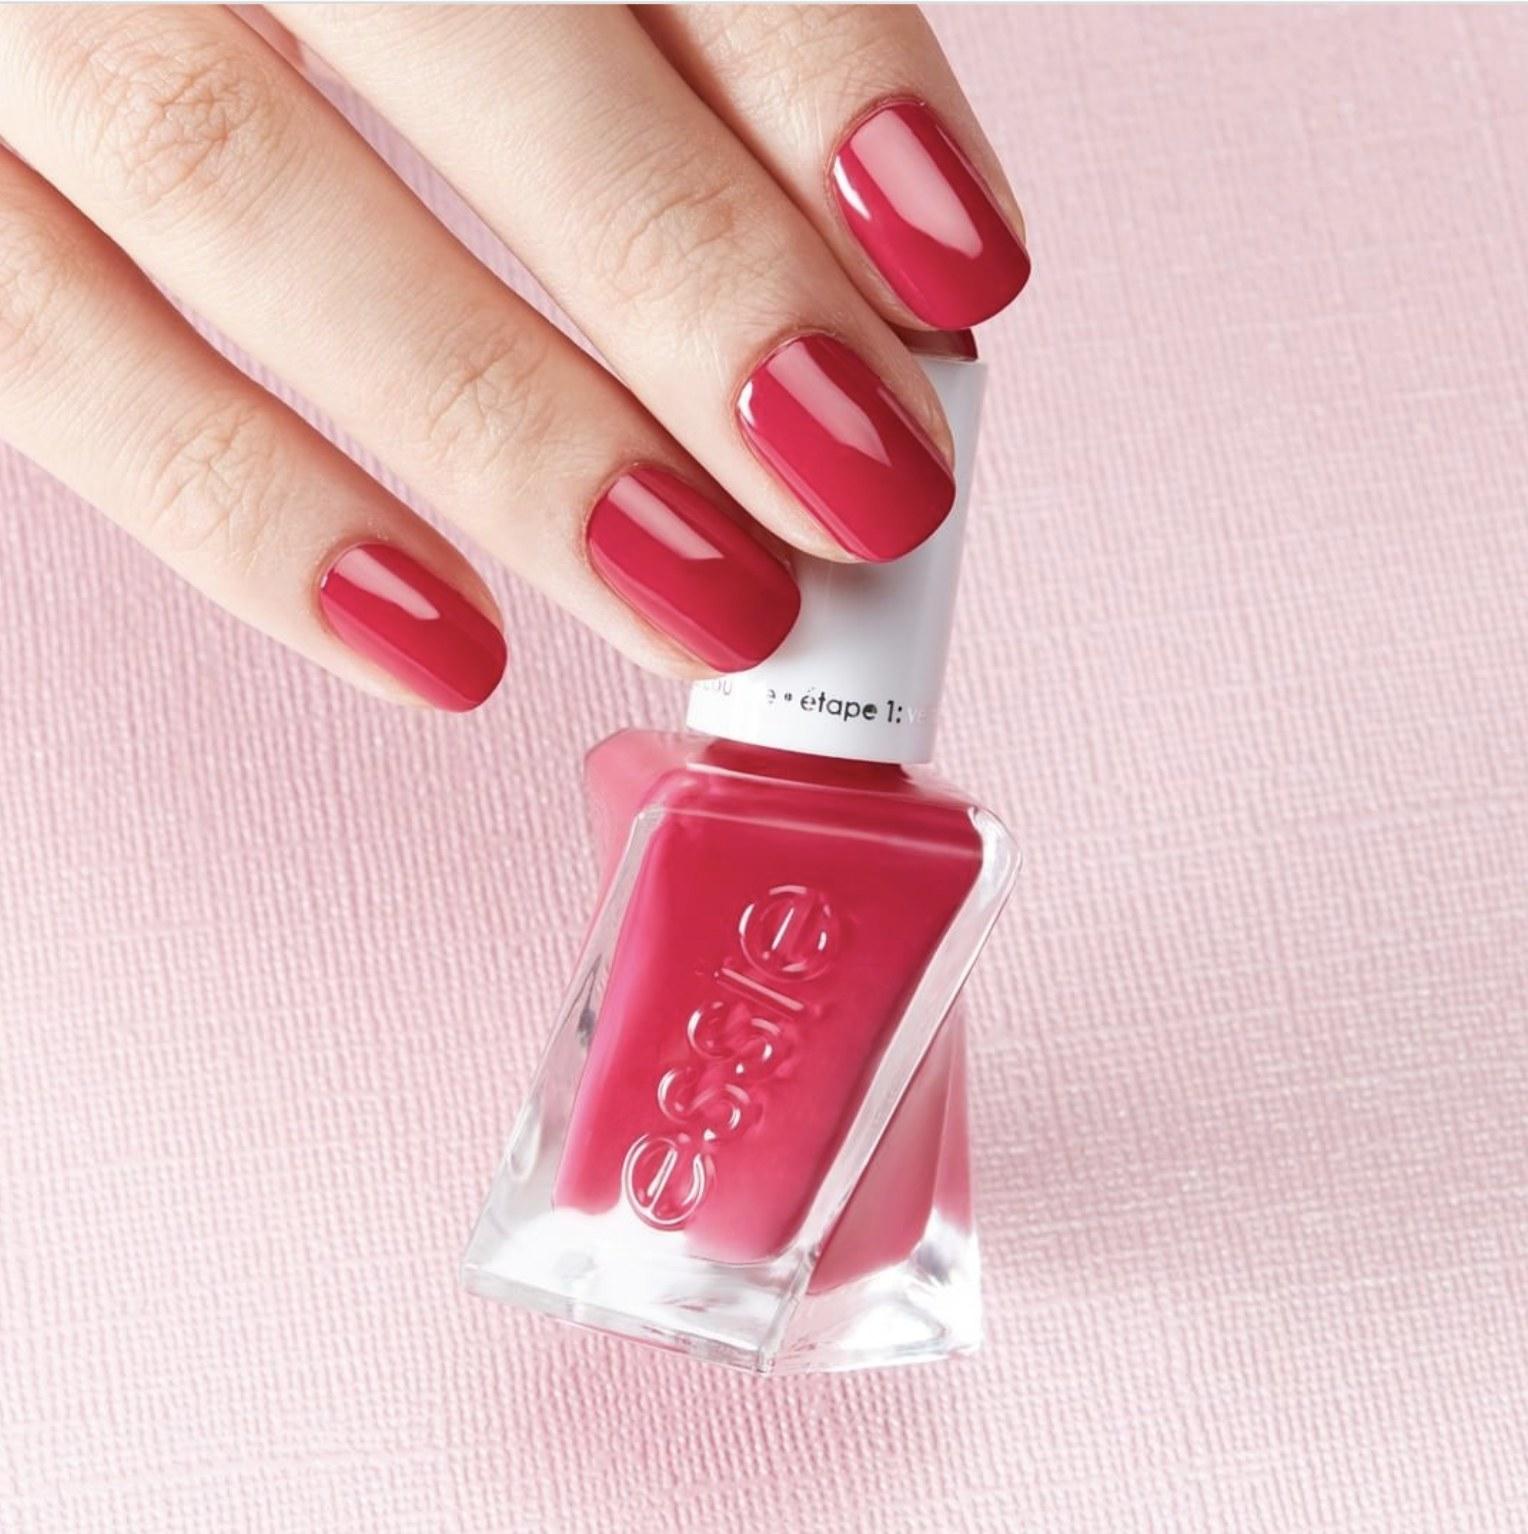 The pink nail polish